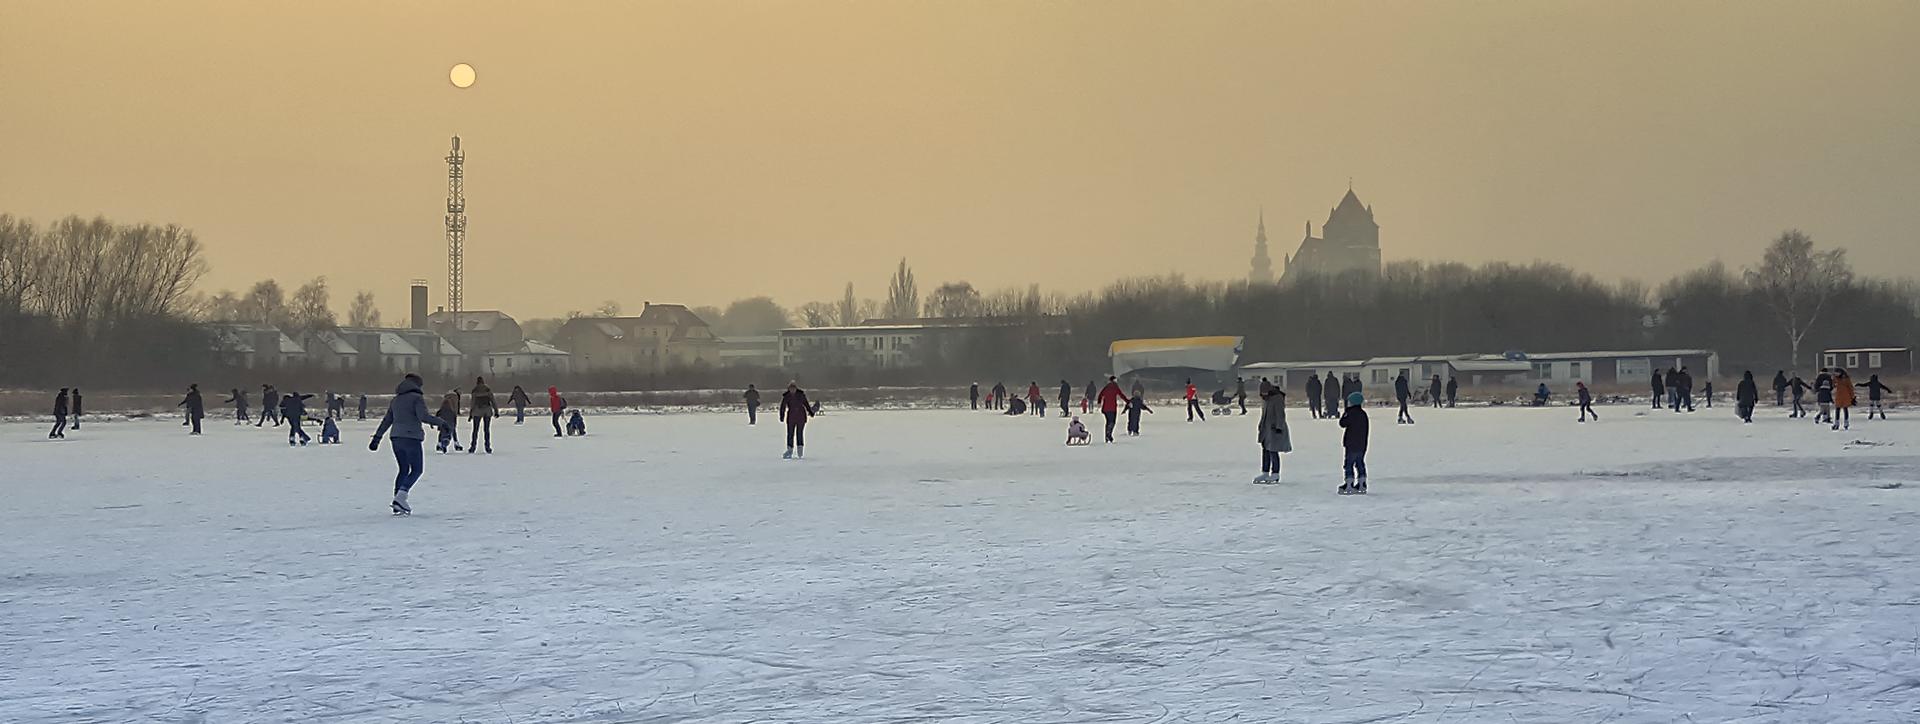 Eisvergnügen - Eisfläche an der Hafenstraße in Greifswald